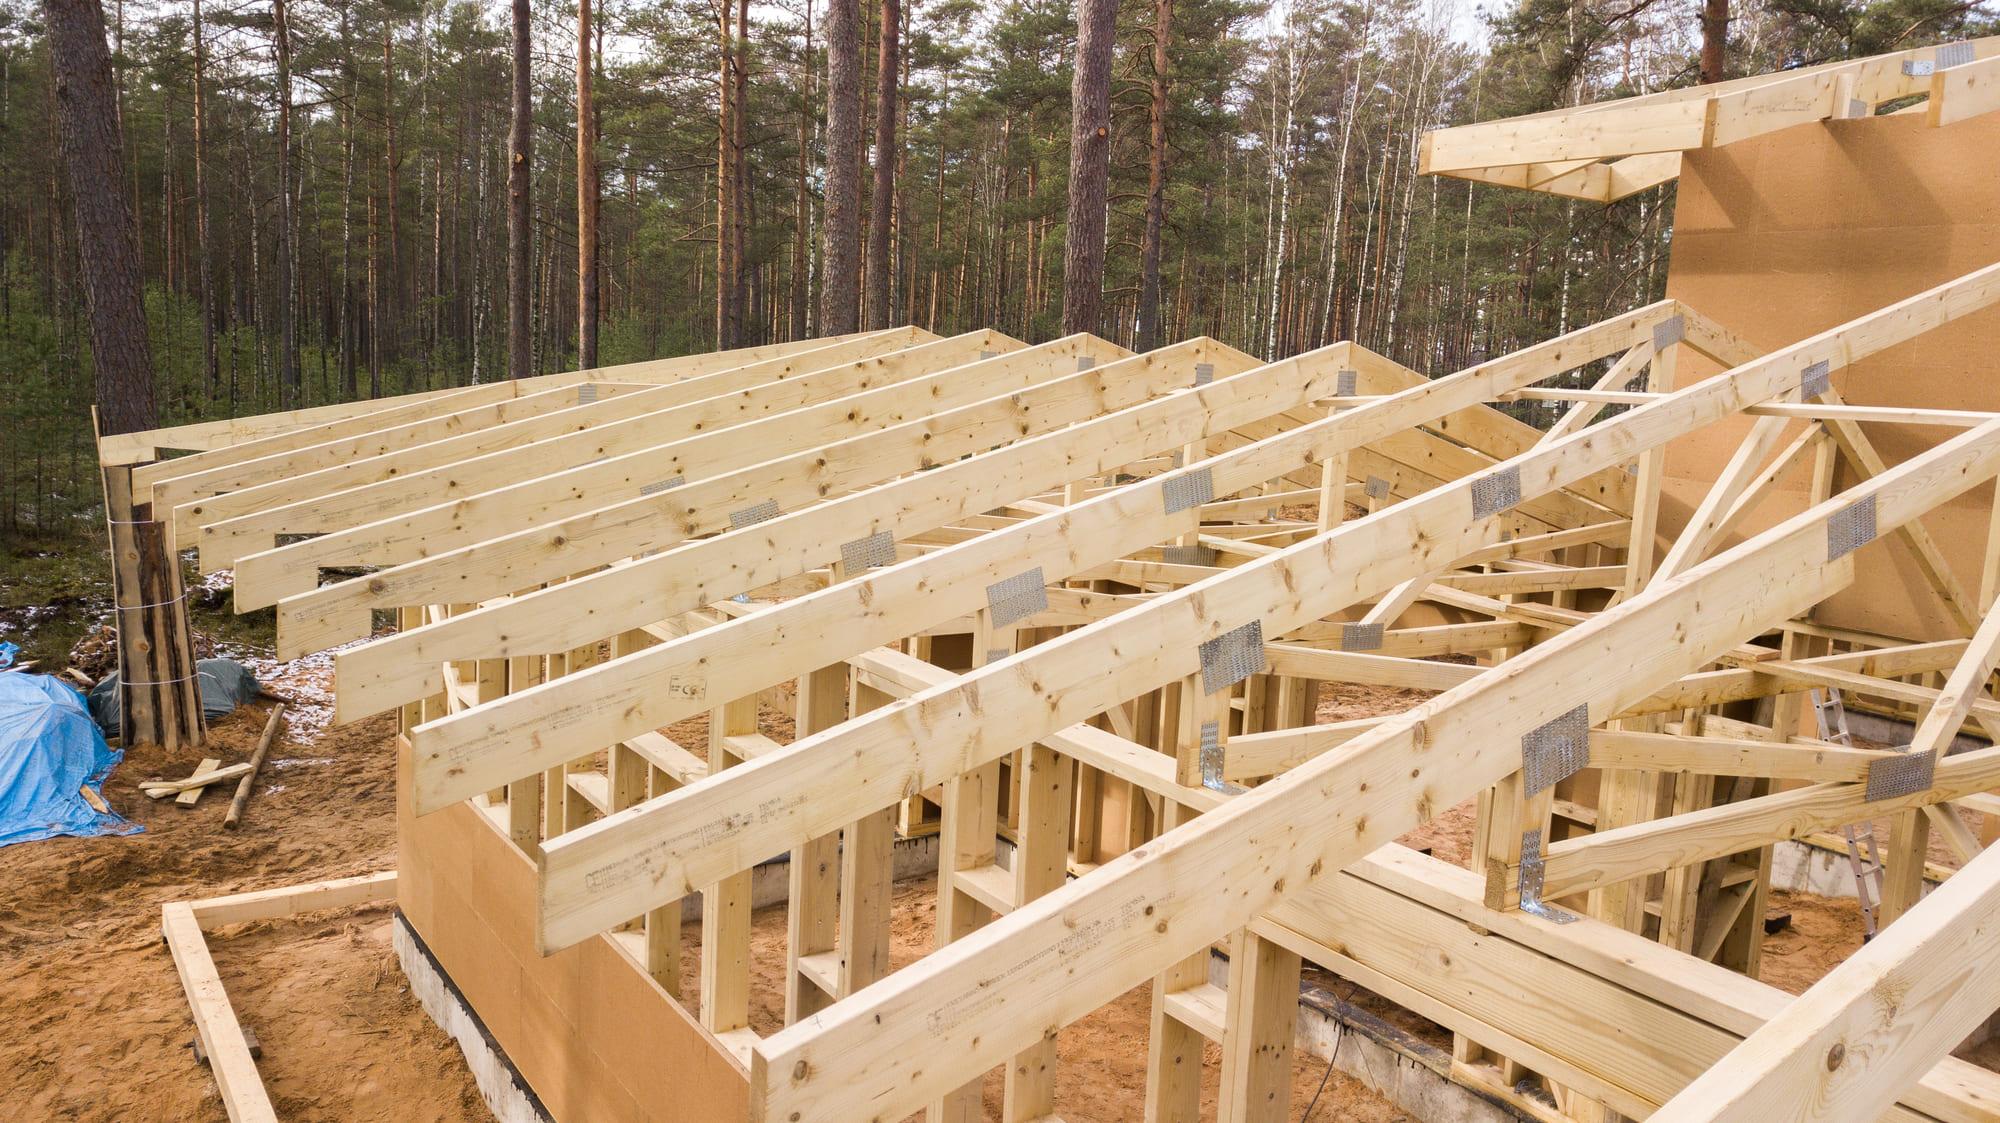 koka kopņu un jumta konstrukciju montāža